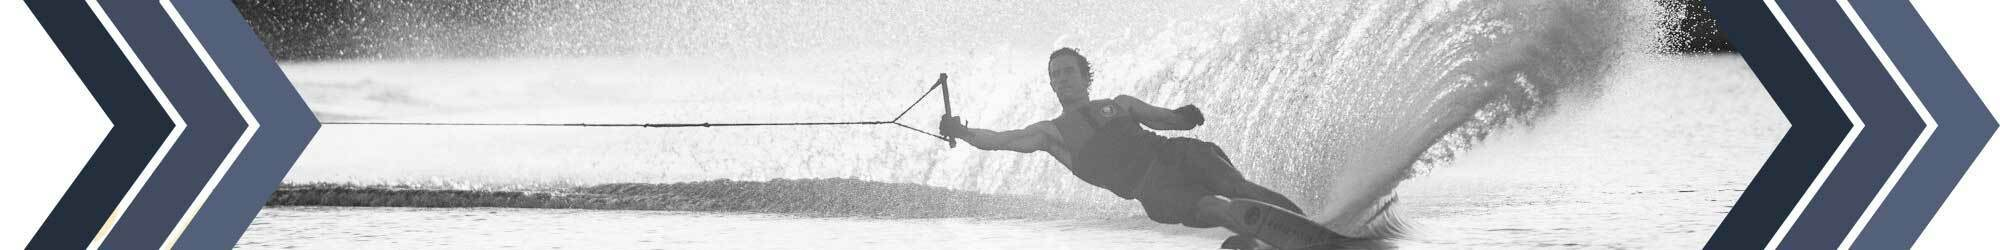 Slalom Water Skis